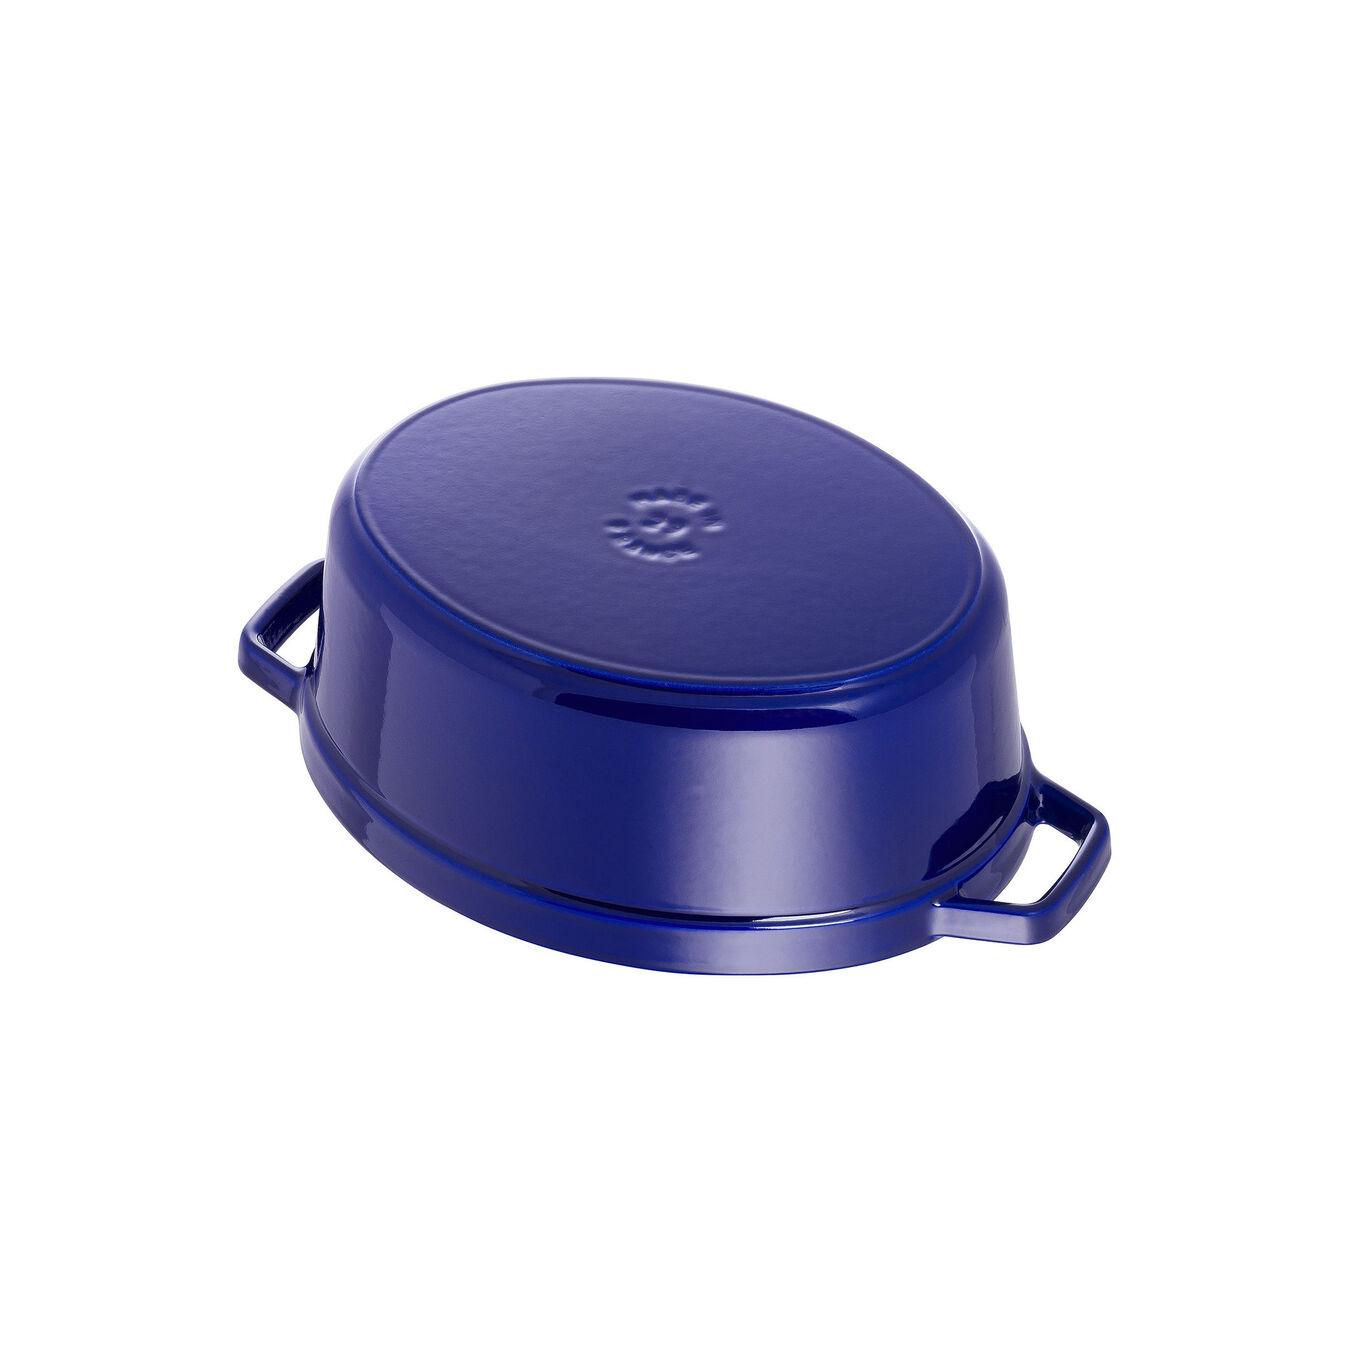 4.25 l oval Cocotte, dark-blue,,large 4